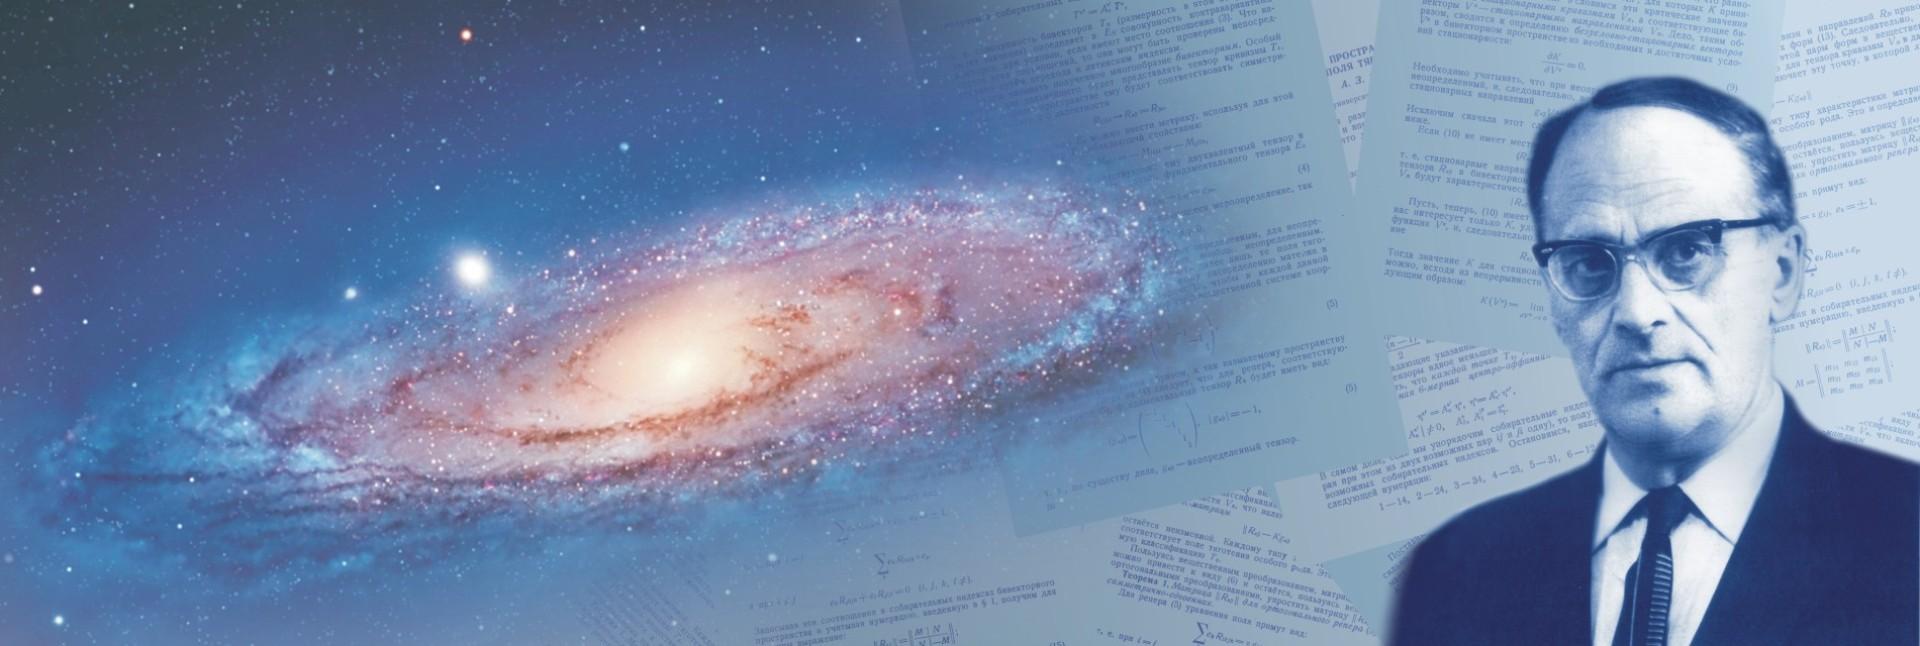 Международная зимняя школа-семинар по гравитации, космологии и астрофизике 'Петровские чтения'